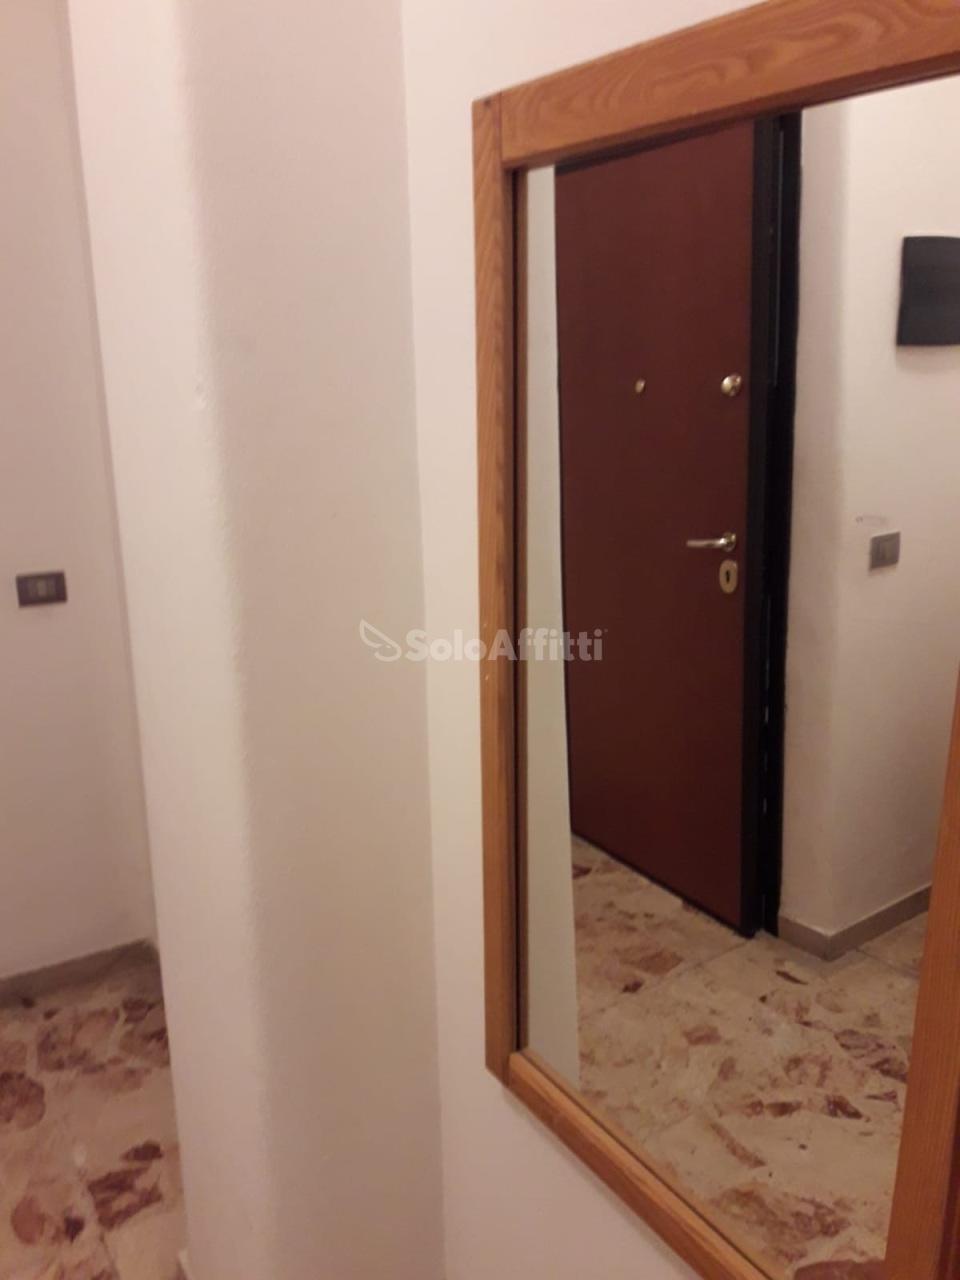 Appartamenti e Attici CATANIA affitto  Circonvallazione  GRI.VIR. Immobiliare di Grimaldi Carmine